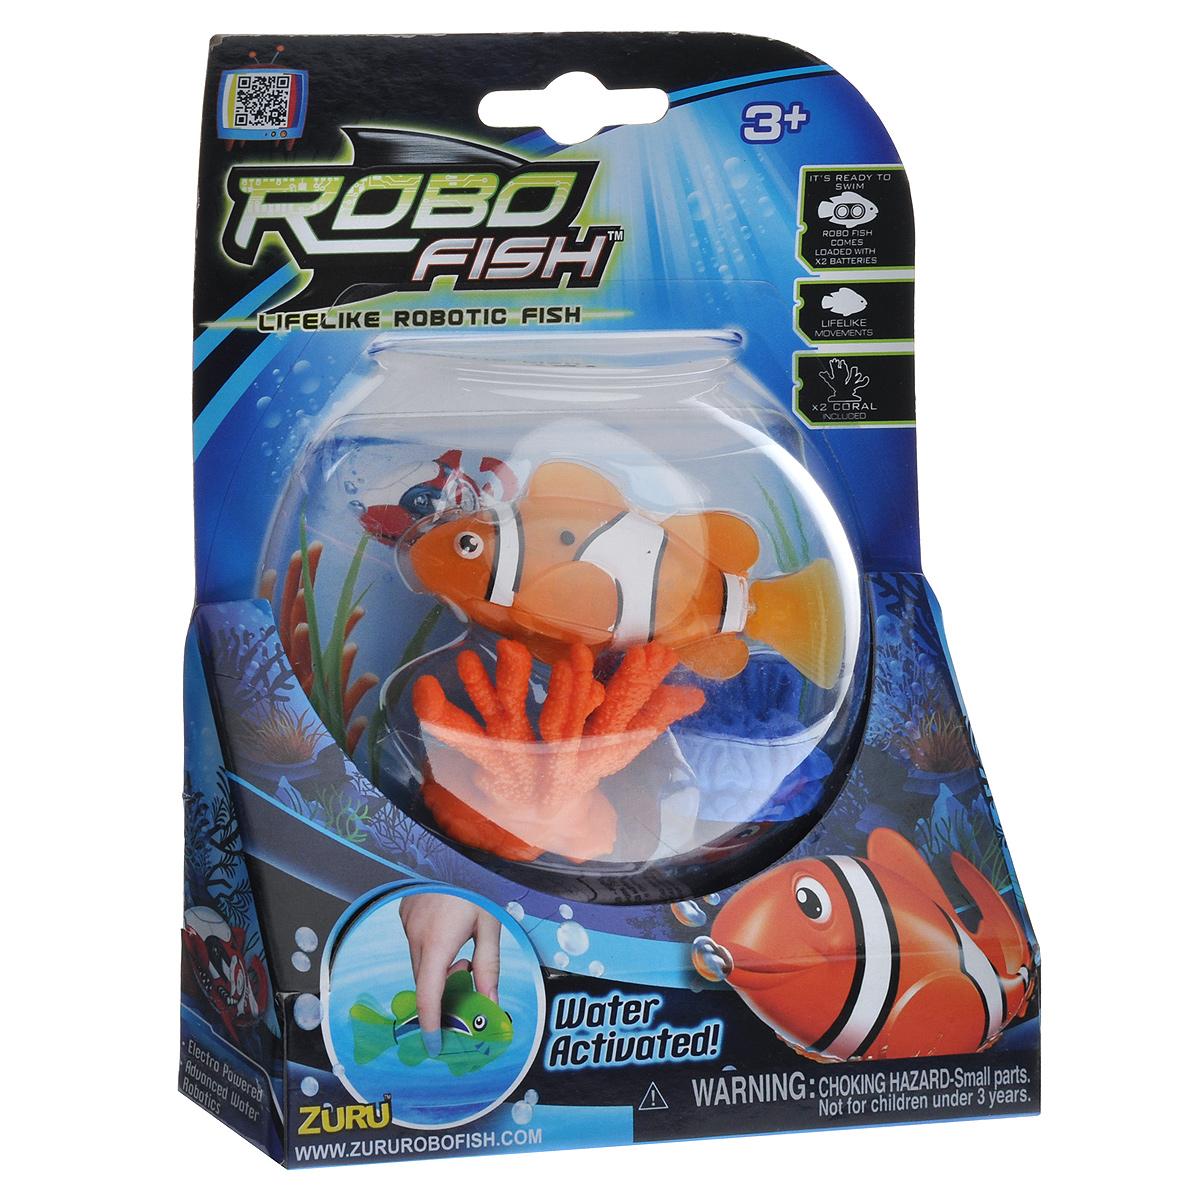 Игрушка для ванны Robofish РобоРыбка с двумя кораллами, цвет: оранжевый2538Игрушка для ванны Robofish РобоРыбка с двумя кораллами понравится вашему малышу и превратит купание в веселую игру. Она выполнена из безопасного пластика в виде маленькой красочной рыбки. Игрушка активируется в воде и имитирует движения и повадки рыбы. Электромагнитный мотор позволяет рыбке двигаться в пяти направлениях. При погружении в аквариум или другую емкостью с водой РобоРыбка начинает плавать, опускаясь ко дну и поднимаясь к поверхности воды. Внутри рыбки находится специальный грузик, регулирующий глубину ее погружения. Если рыбка плавает на дне, не всплывая, - уберите грузик; если на поверхности - добавьте грузик. В комплект также входят два элемента в виде ярких кораллов. Порадуйте вашего ребенка таким замечательным подарком! Игрушка работает от 2 батарей напряжением 1,5V типа LR44 (2 установлены в игрушку и 2 запасные).